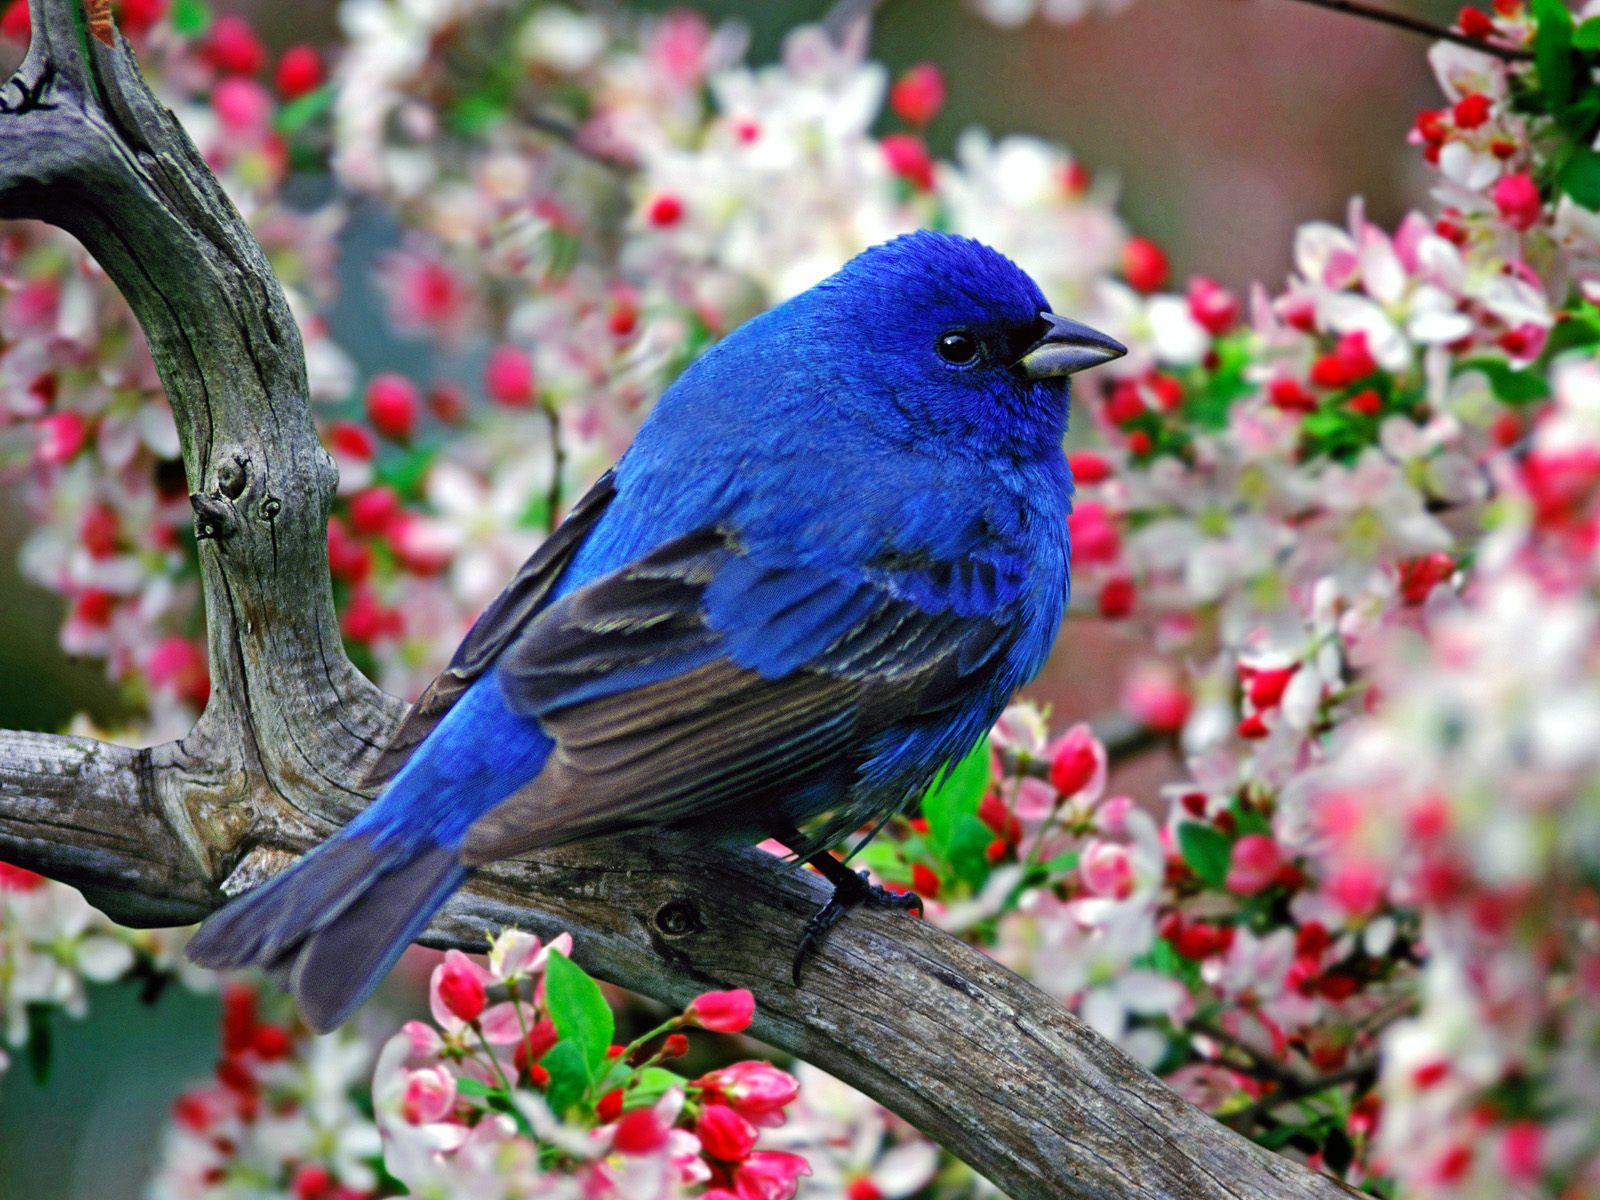 blue bird wallpapers bird wallpaper hd beautiful blue bird wallpaper 1600x1200